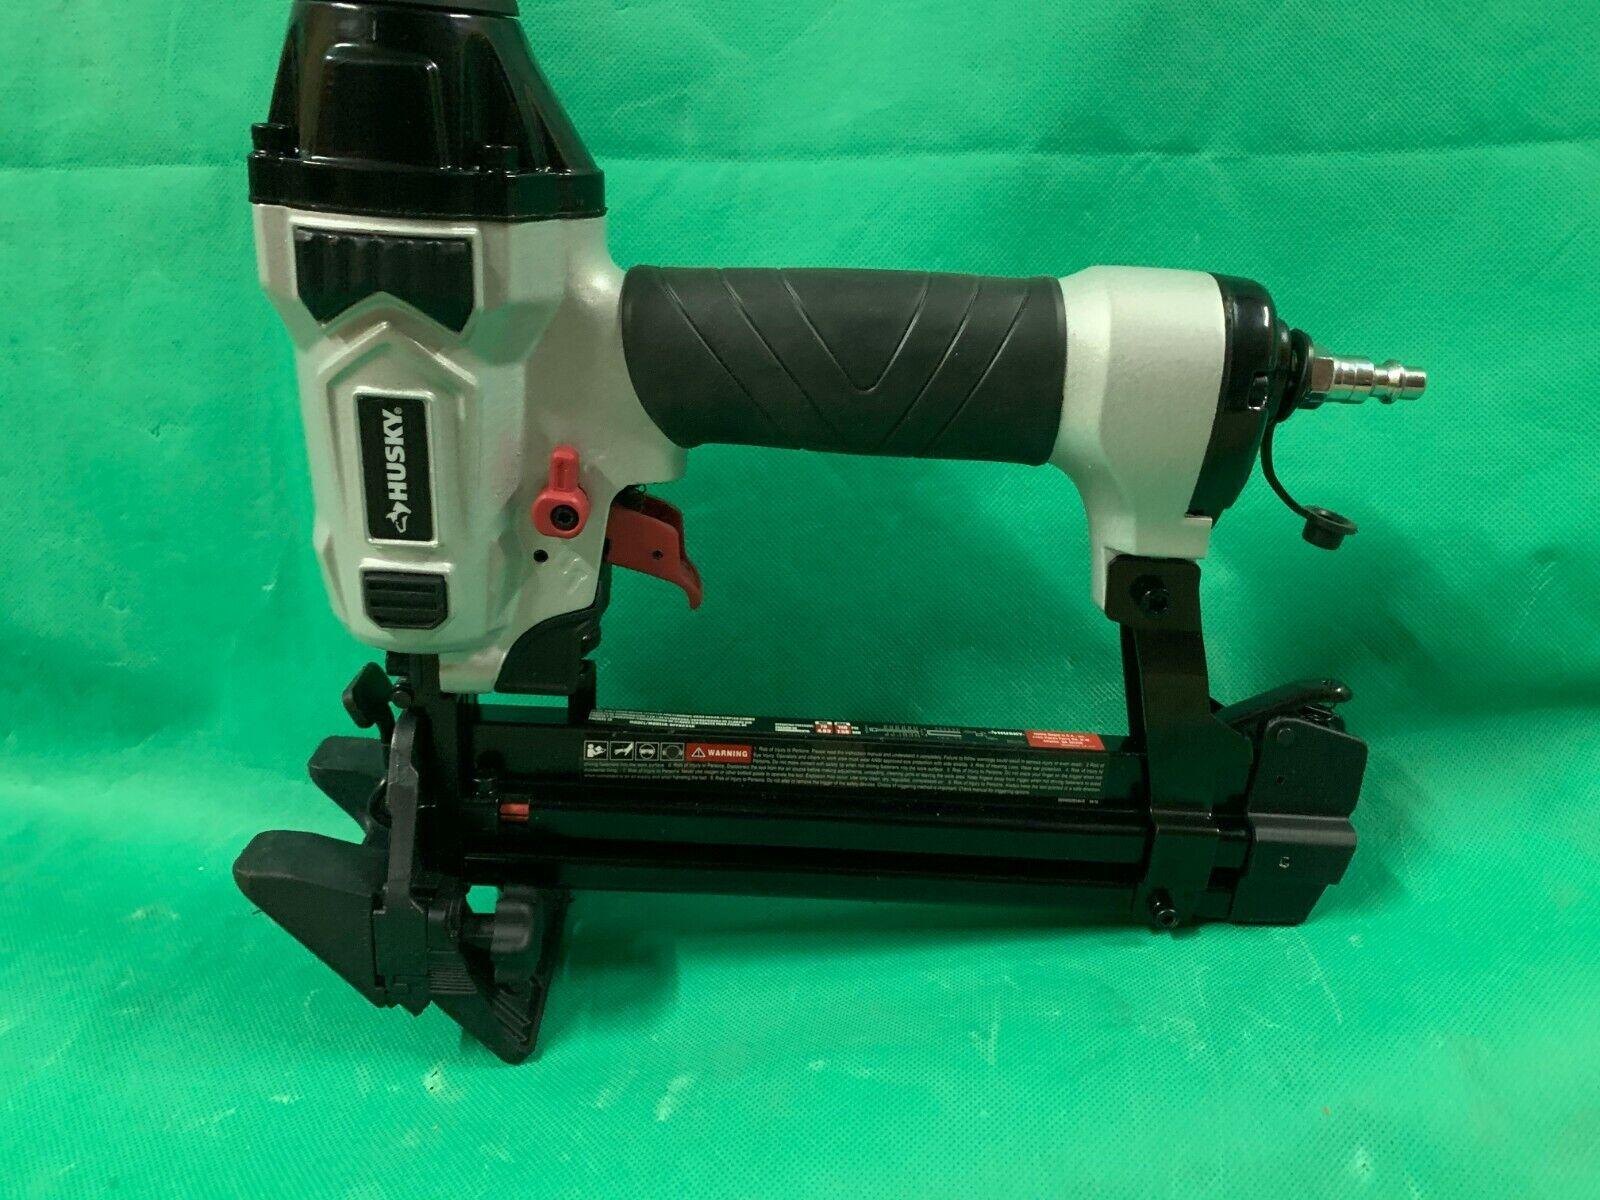 18 gauge stapler light oak wood stain exterior